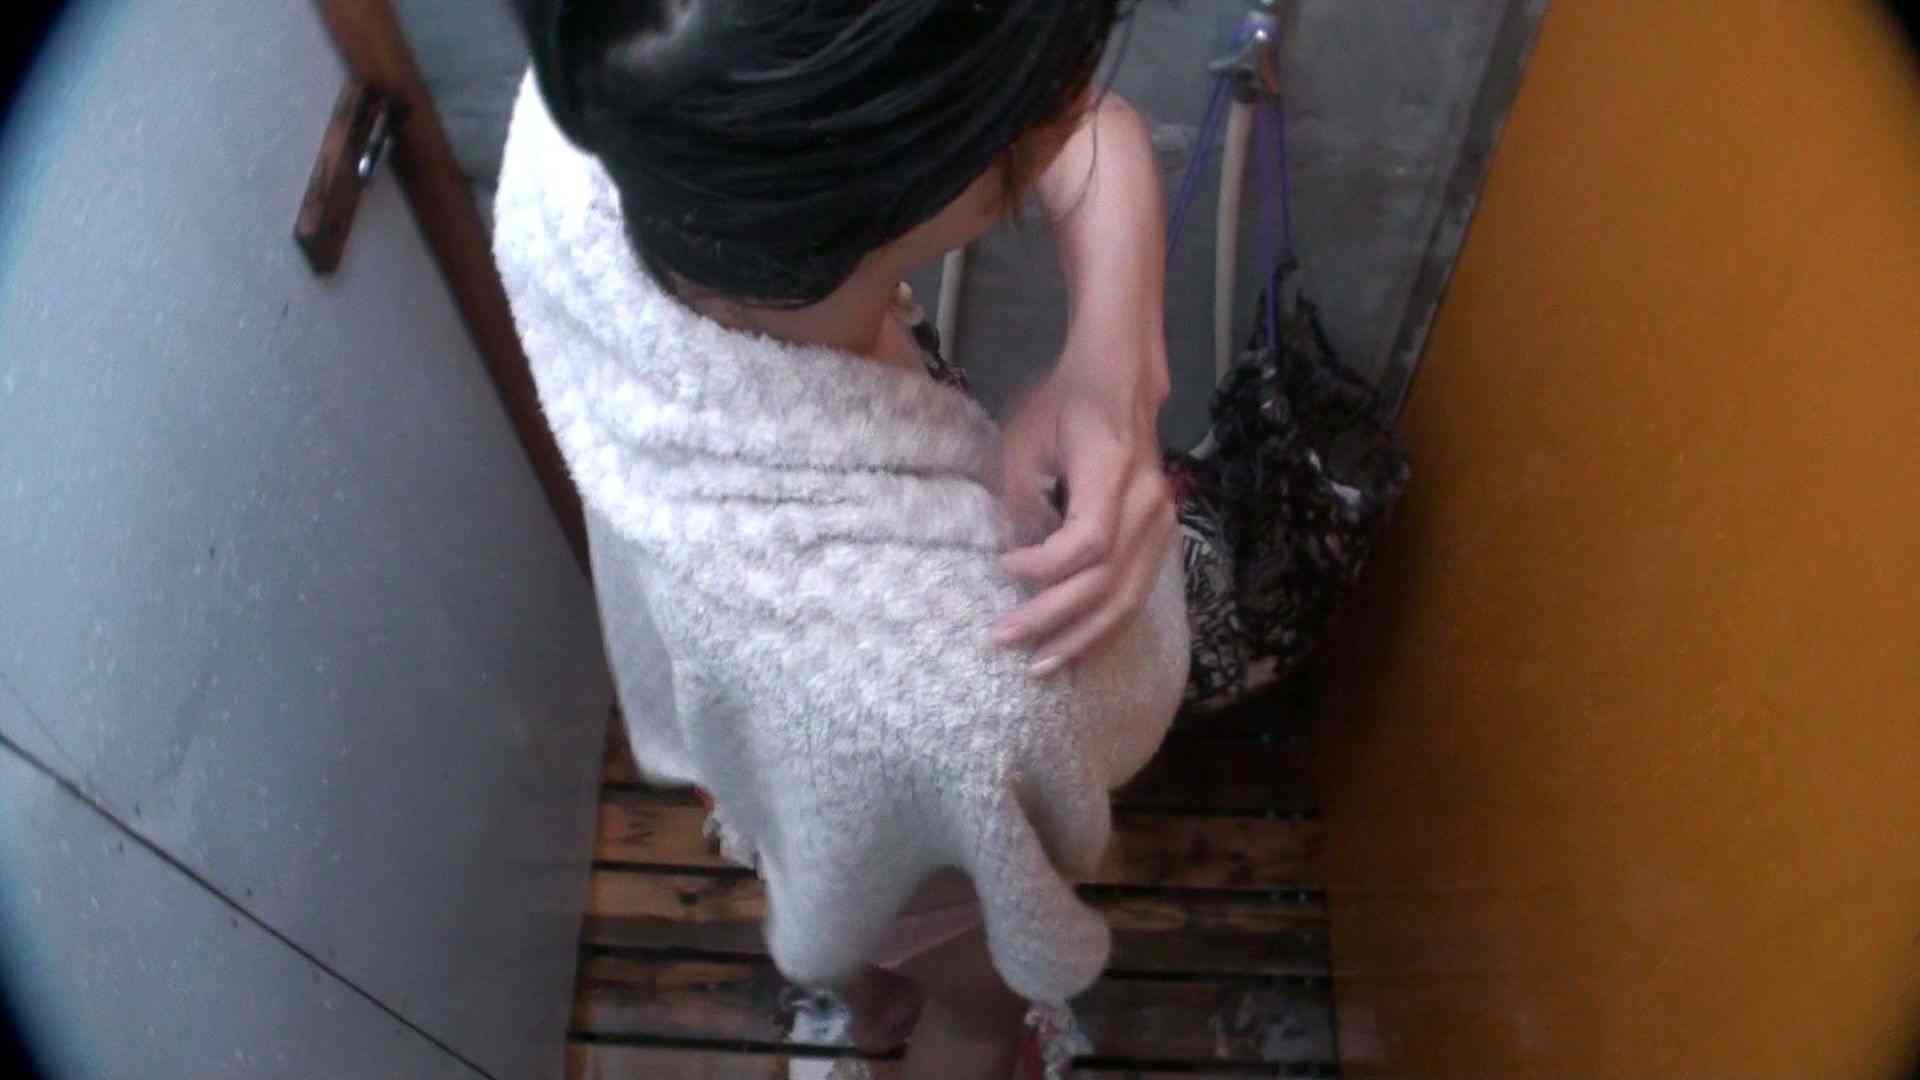 シャワールームは超!!危険な香りVol.21 オメメぱっちり貧乳ギャル鼻くそほじっても可愛いです シャワー | OLヌード天国  70PIX 51